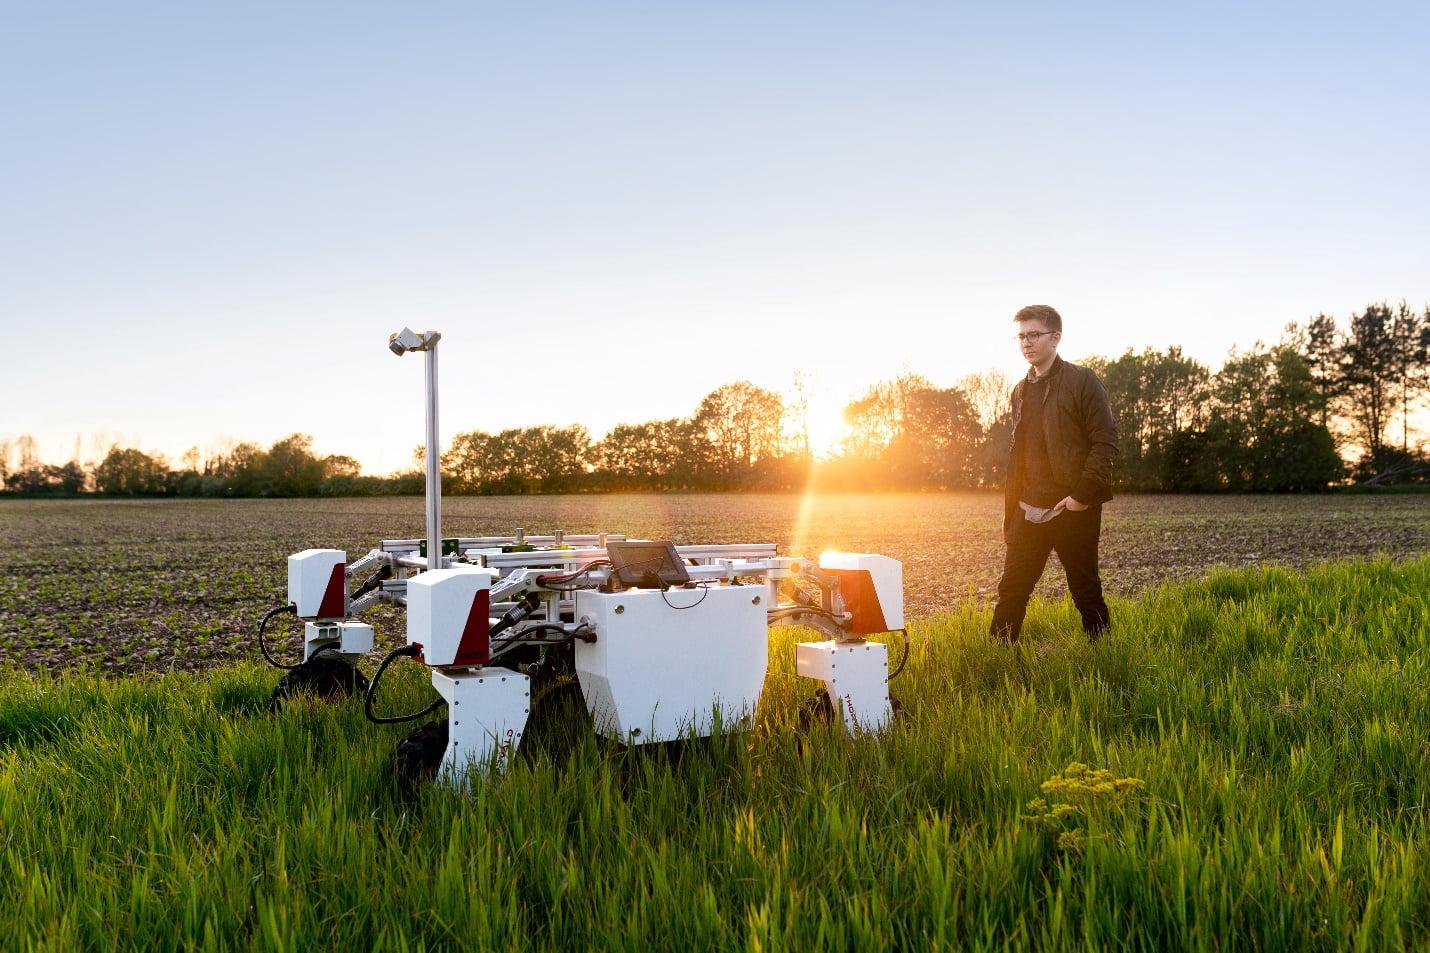 Ag Business Idea Modern Farming Technology